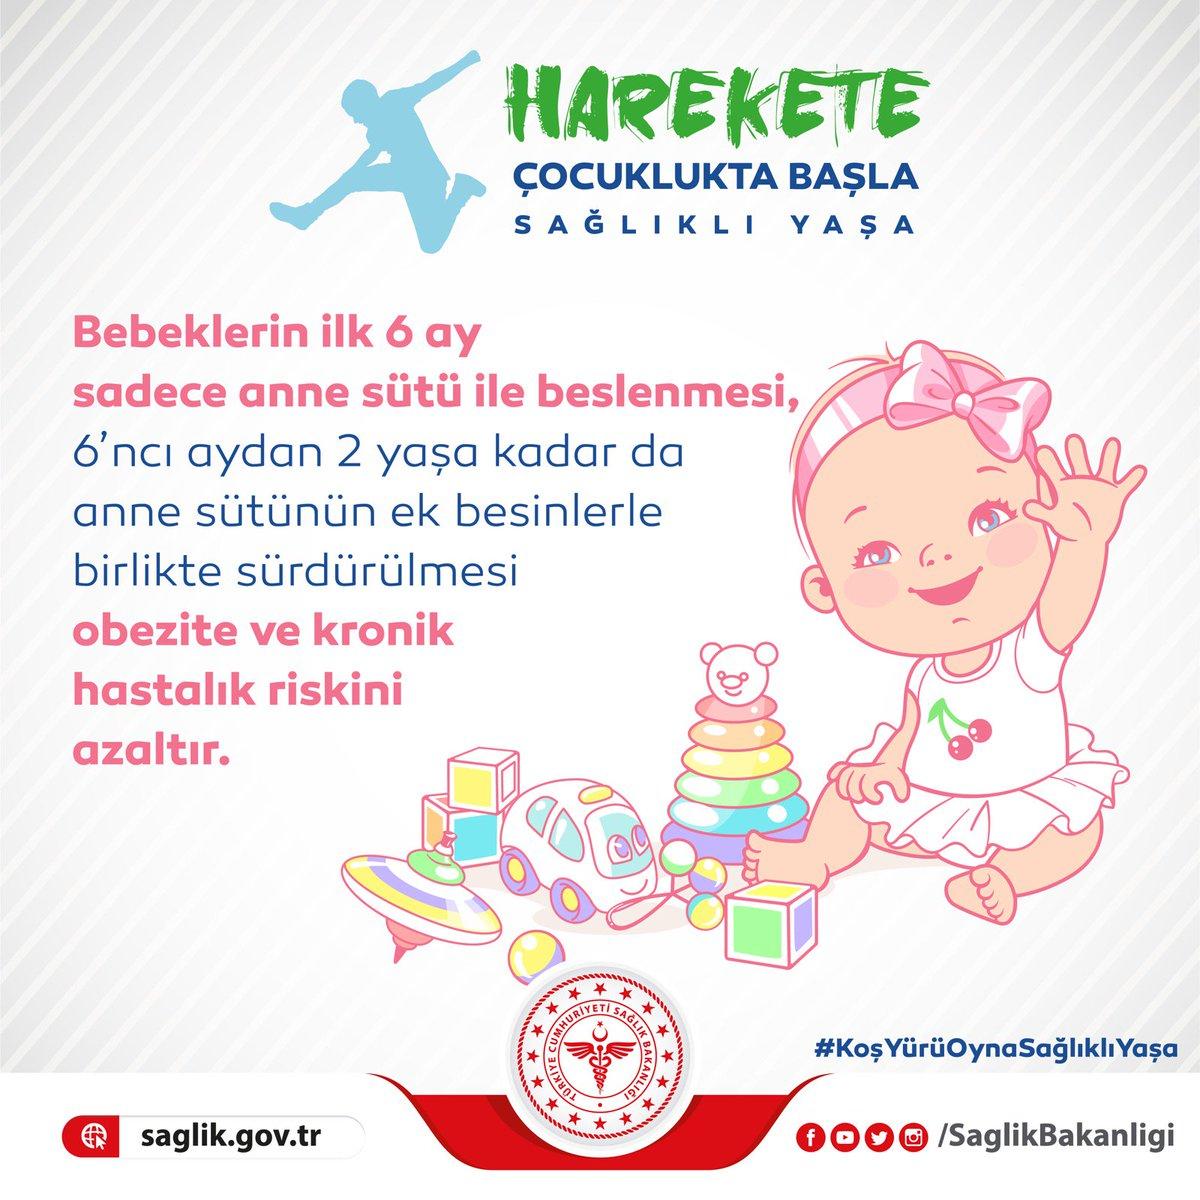 Bebeklerin ilk 6 ay sadece anne sütü ile beslenmesi, 6'ncı aydan 2 yaşa kadar da anne sütünün ek besinlerle birlikte sürdürülmesi obezite ve kronik hastalık riskini azaltır. #KoşYürüOynaSağlıklıYaşa